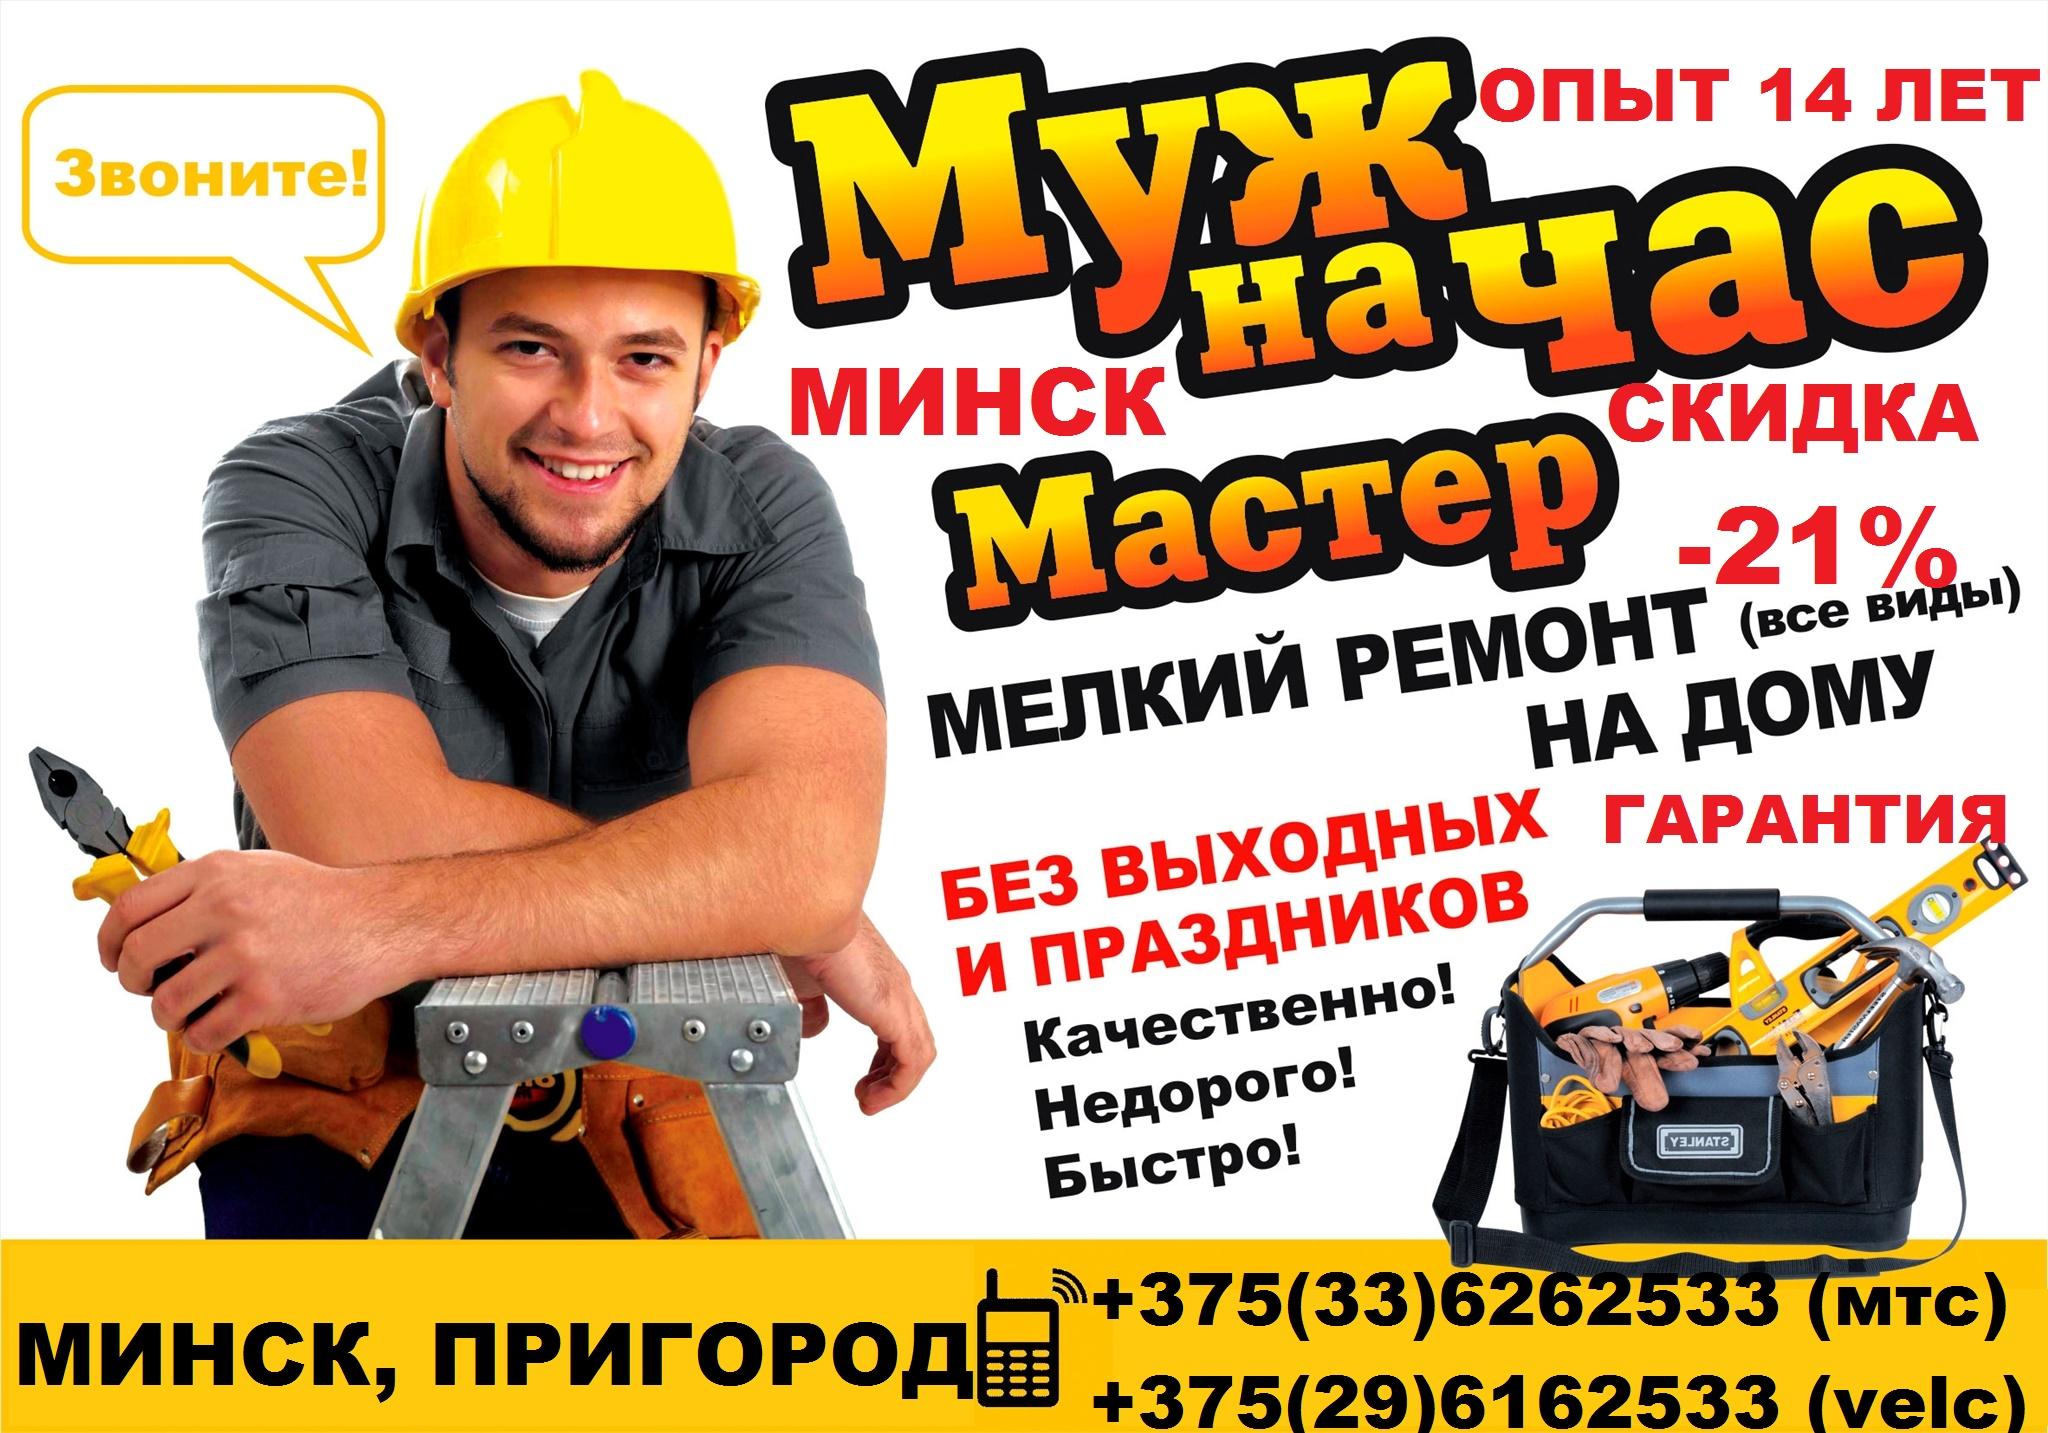 Стоимость час муж на оренбург час стоимость доставка москве по в